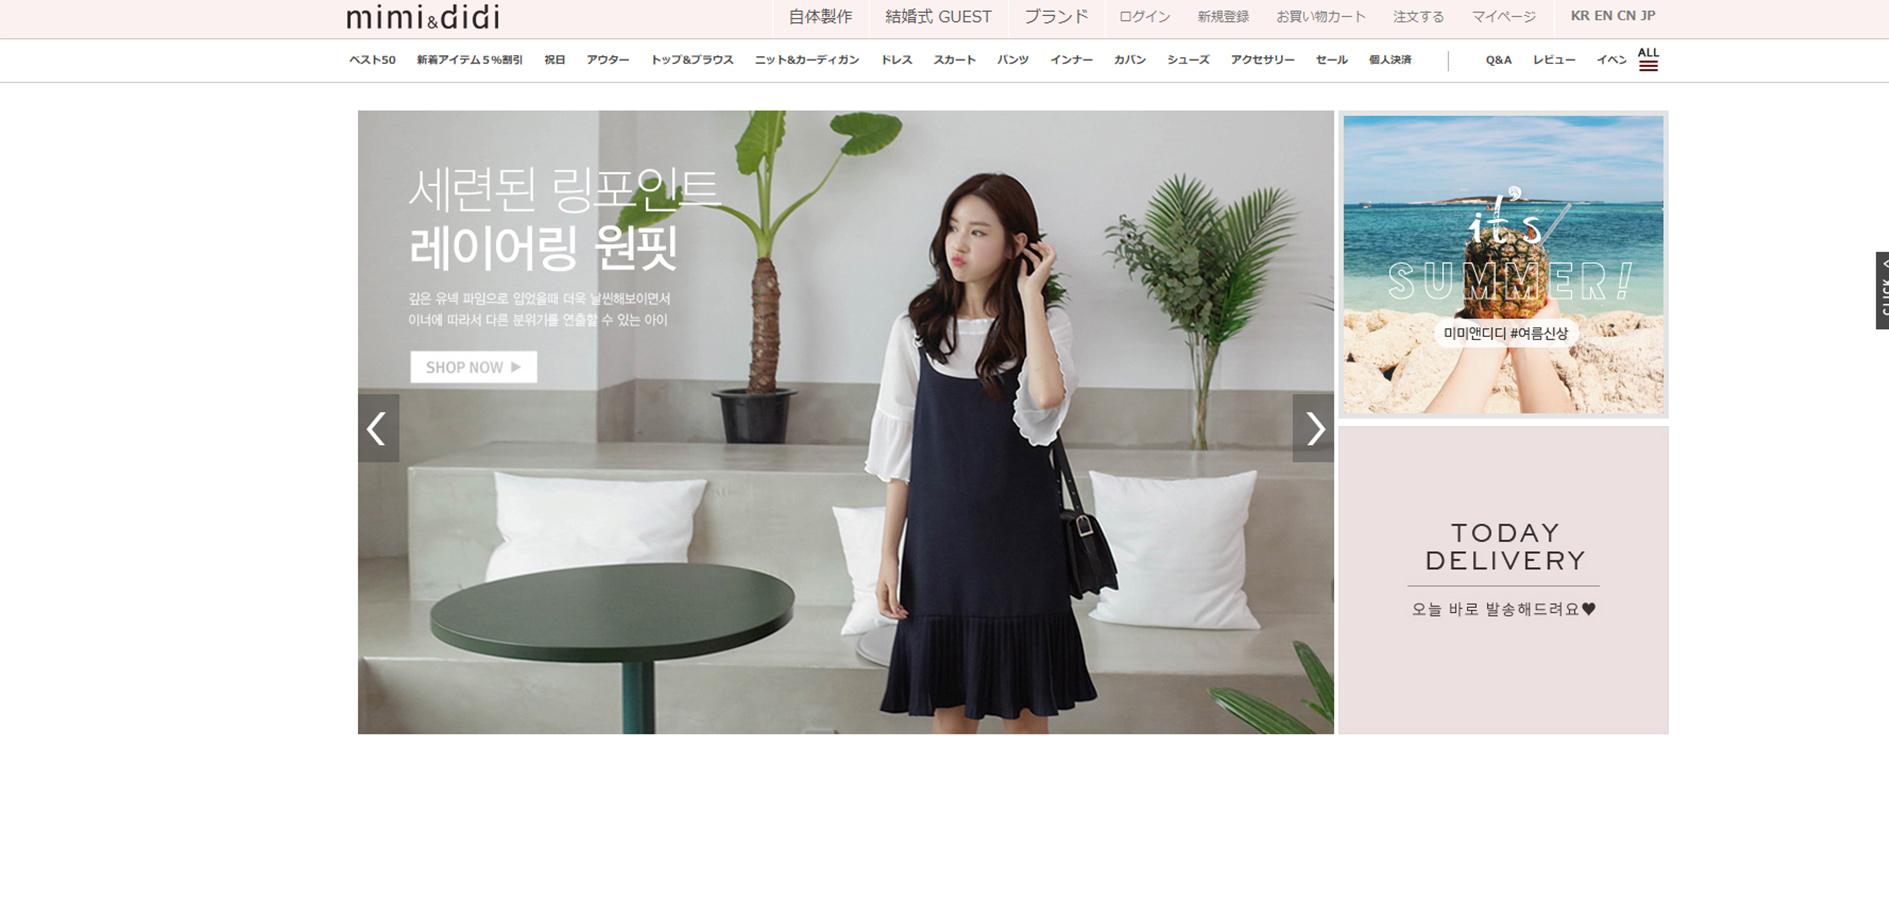 10代におすすめな韓国ファッション通販サイトのMIMI&DIDI(ミミ&ディディ)